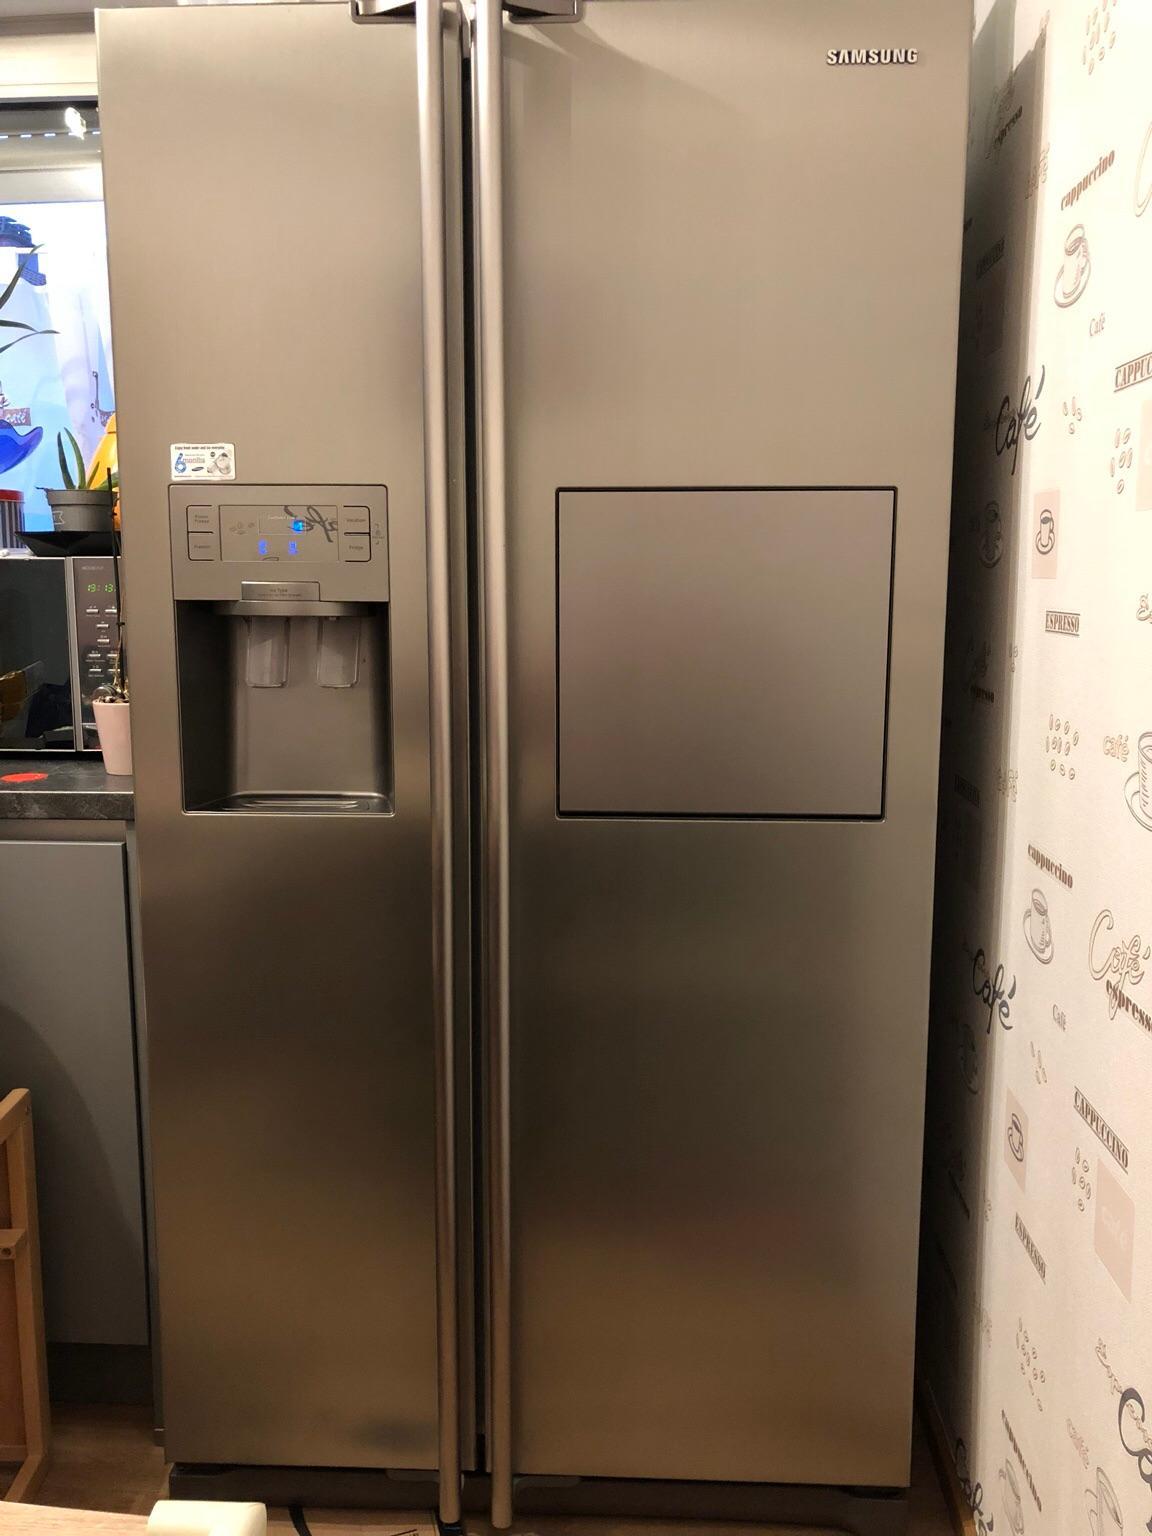 Kühlschrank Side By Side Gebraucht : Gebraucht side by side kühlschrank samsung rsh zepn in